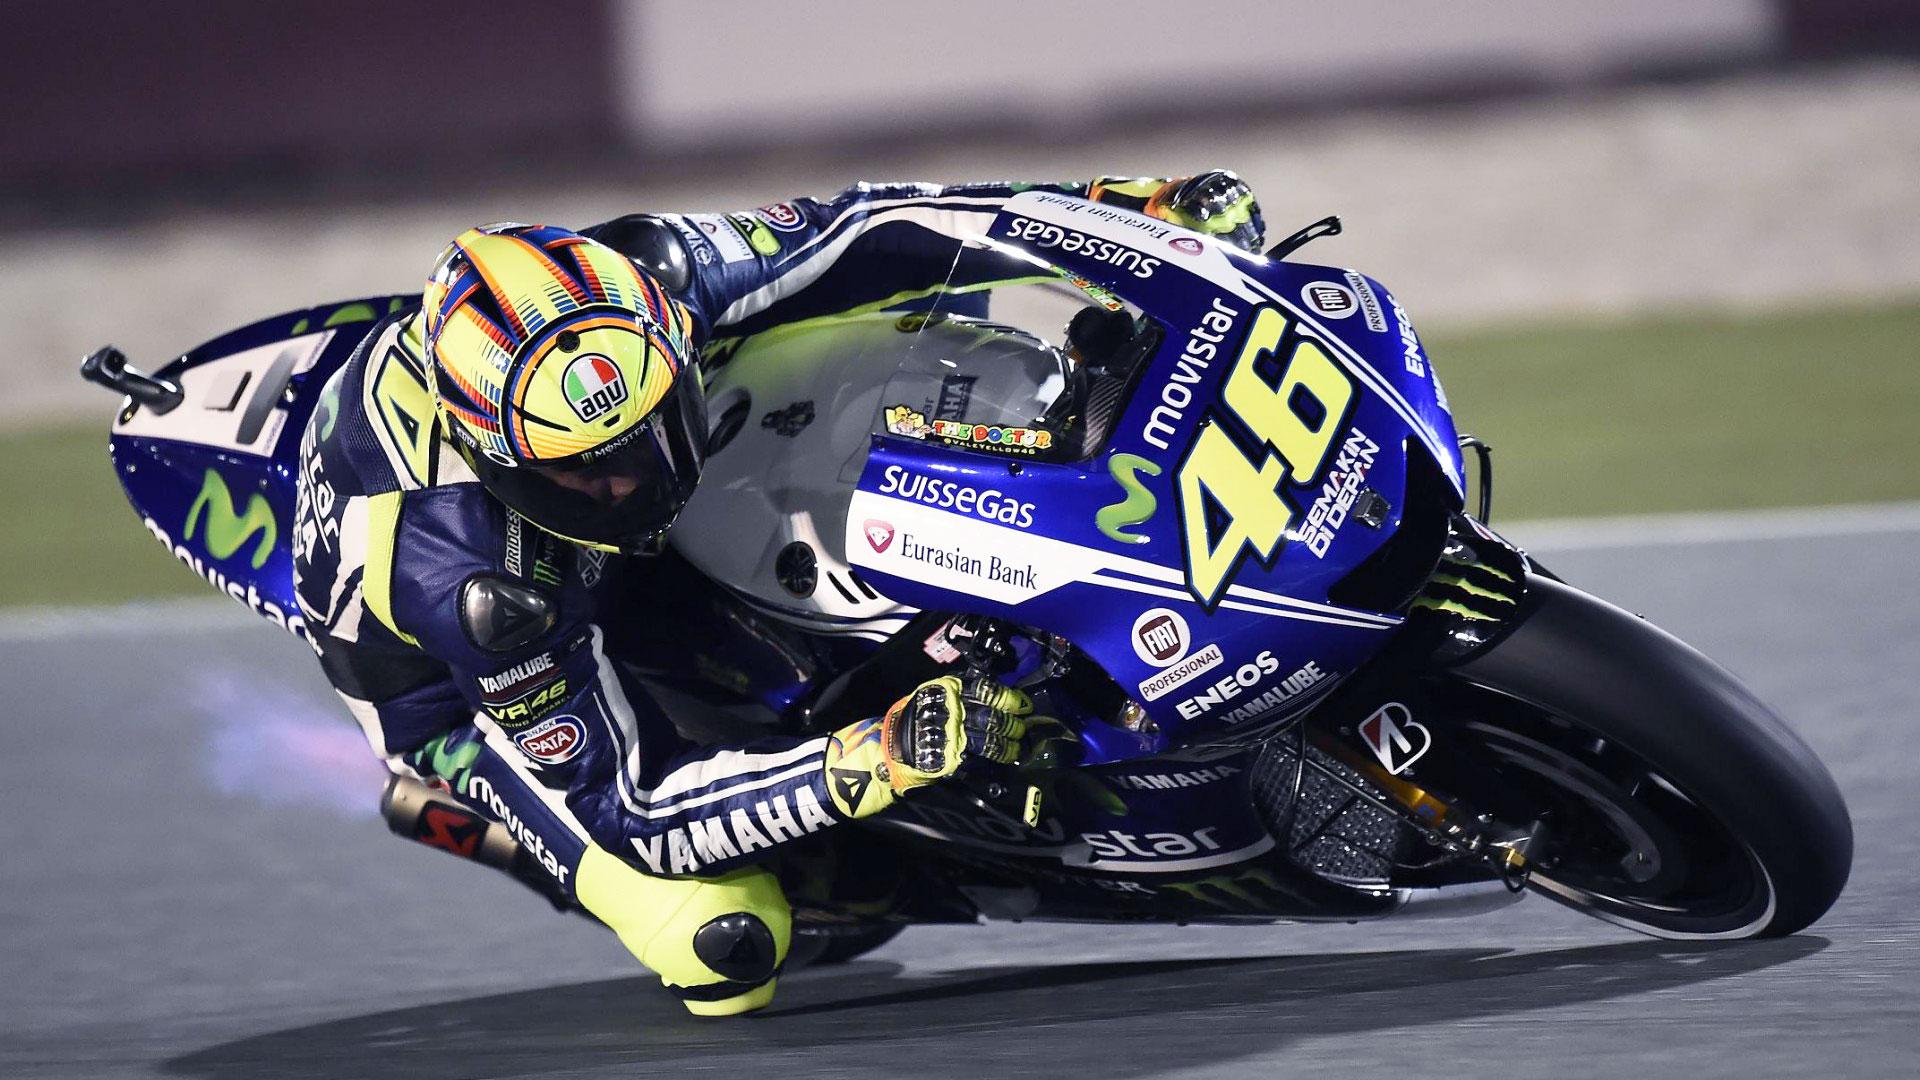 Rossi deve migliorare se vuole battere Marquez